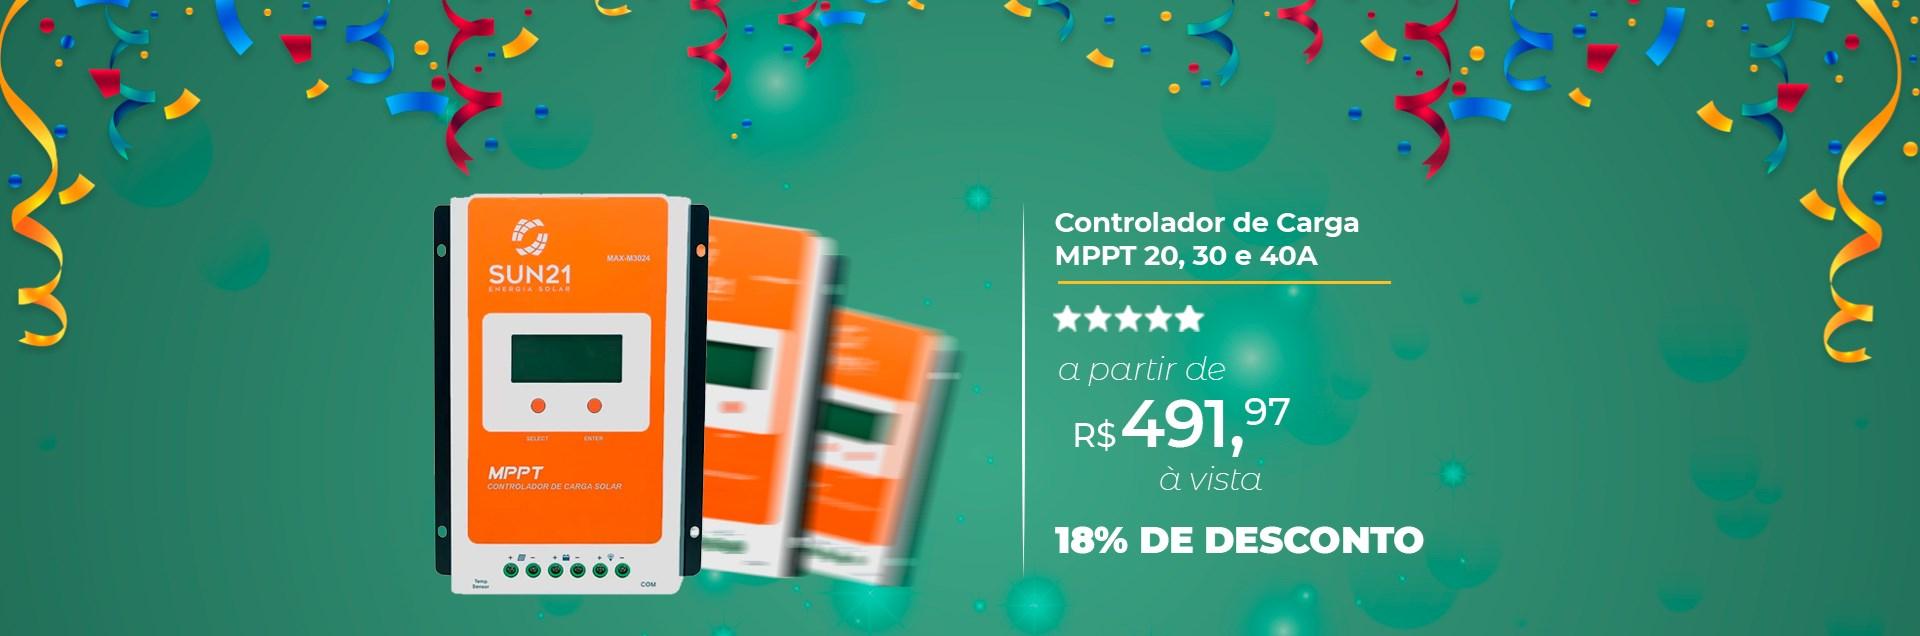 Carnaval 2019 - Controlador de Carga